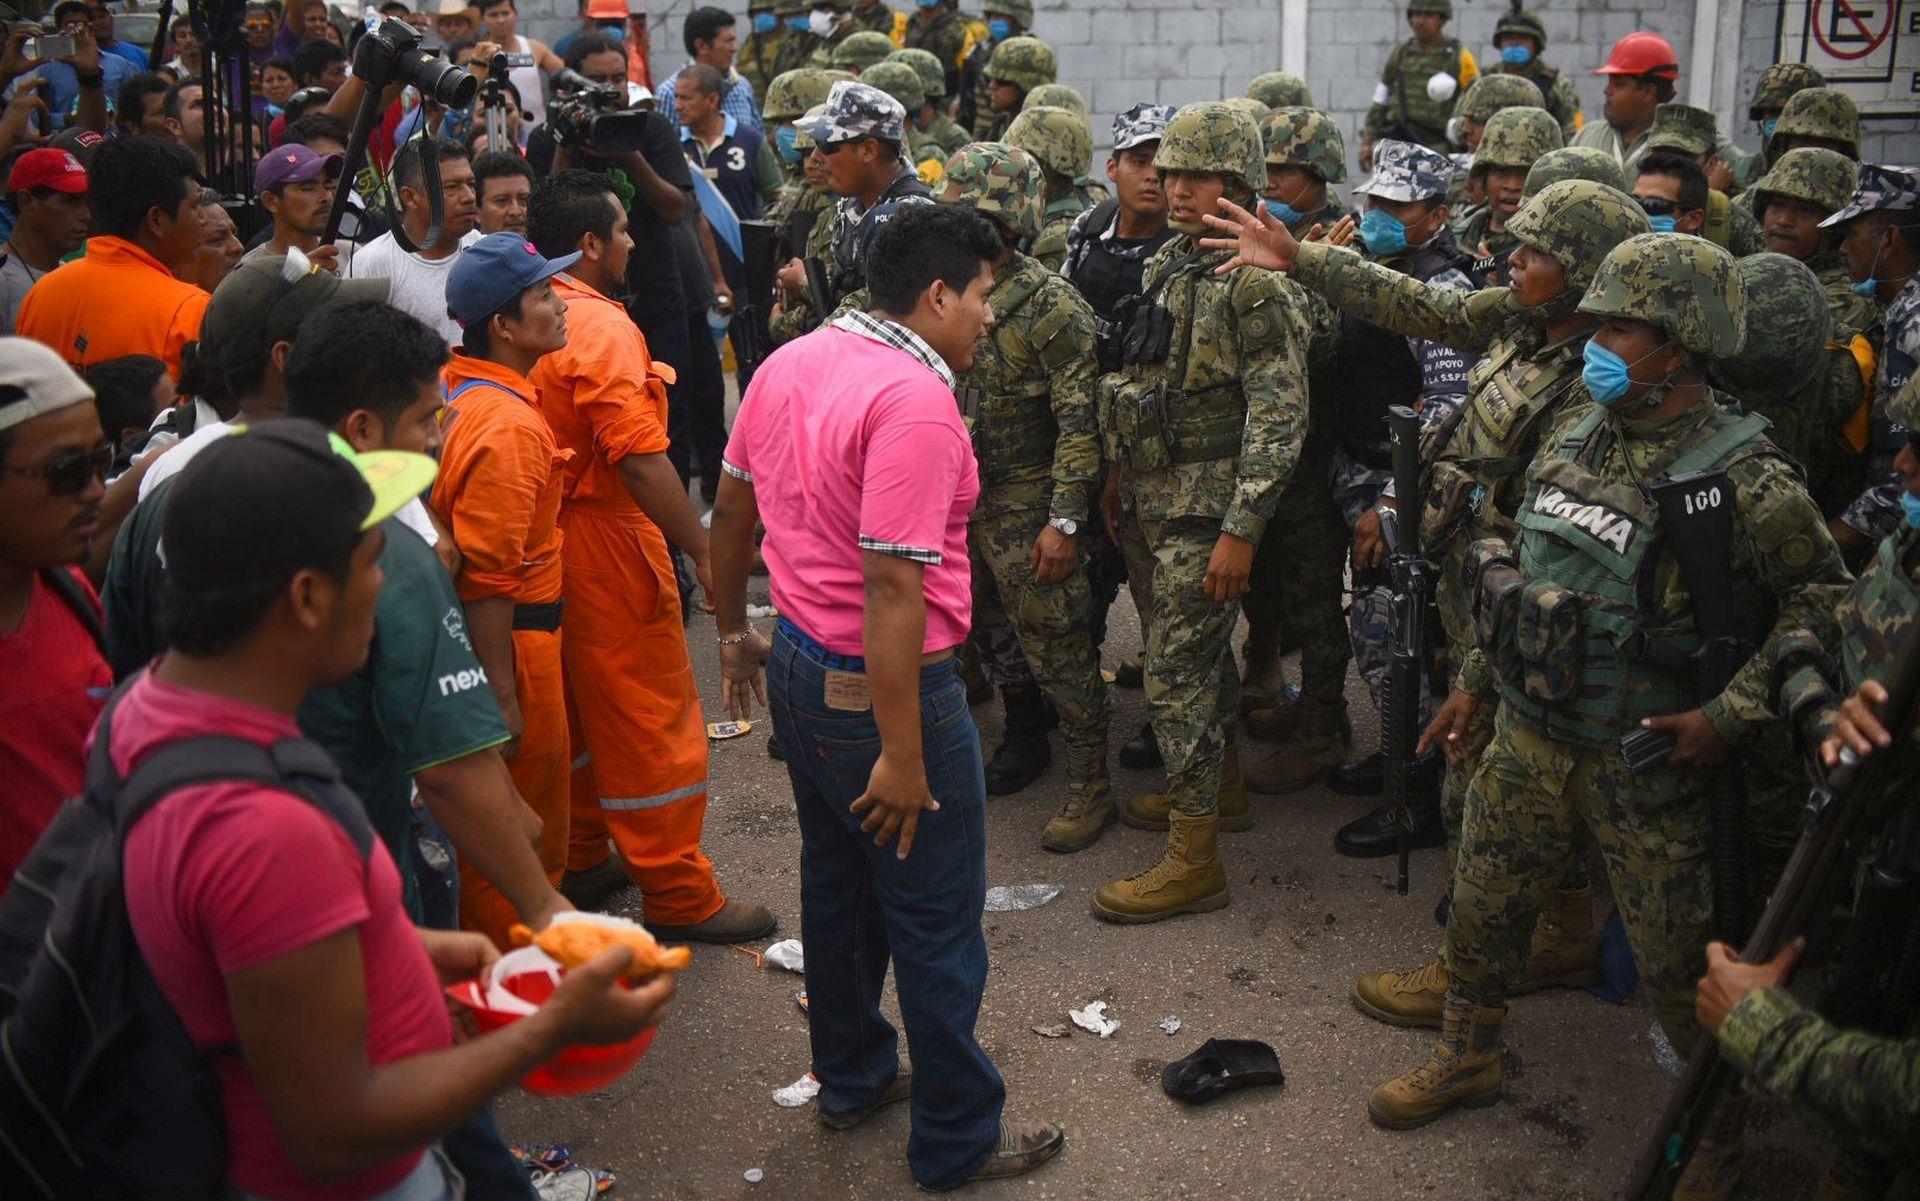 NOVI PODACI: U eksplozji u petrokemijskoj tvornici u Meksiku 24 mrtvih, osam nestalih